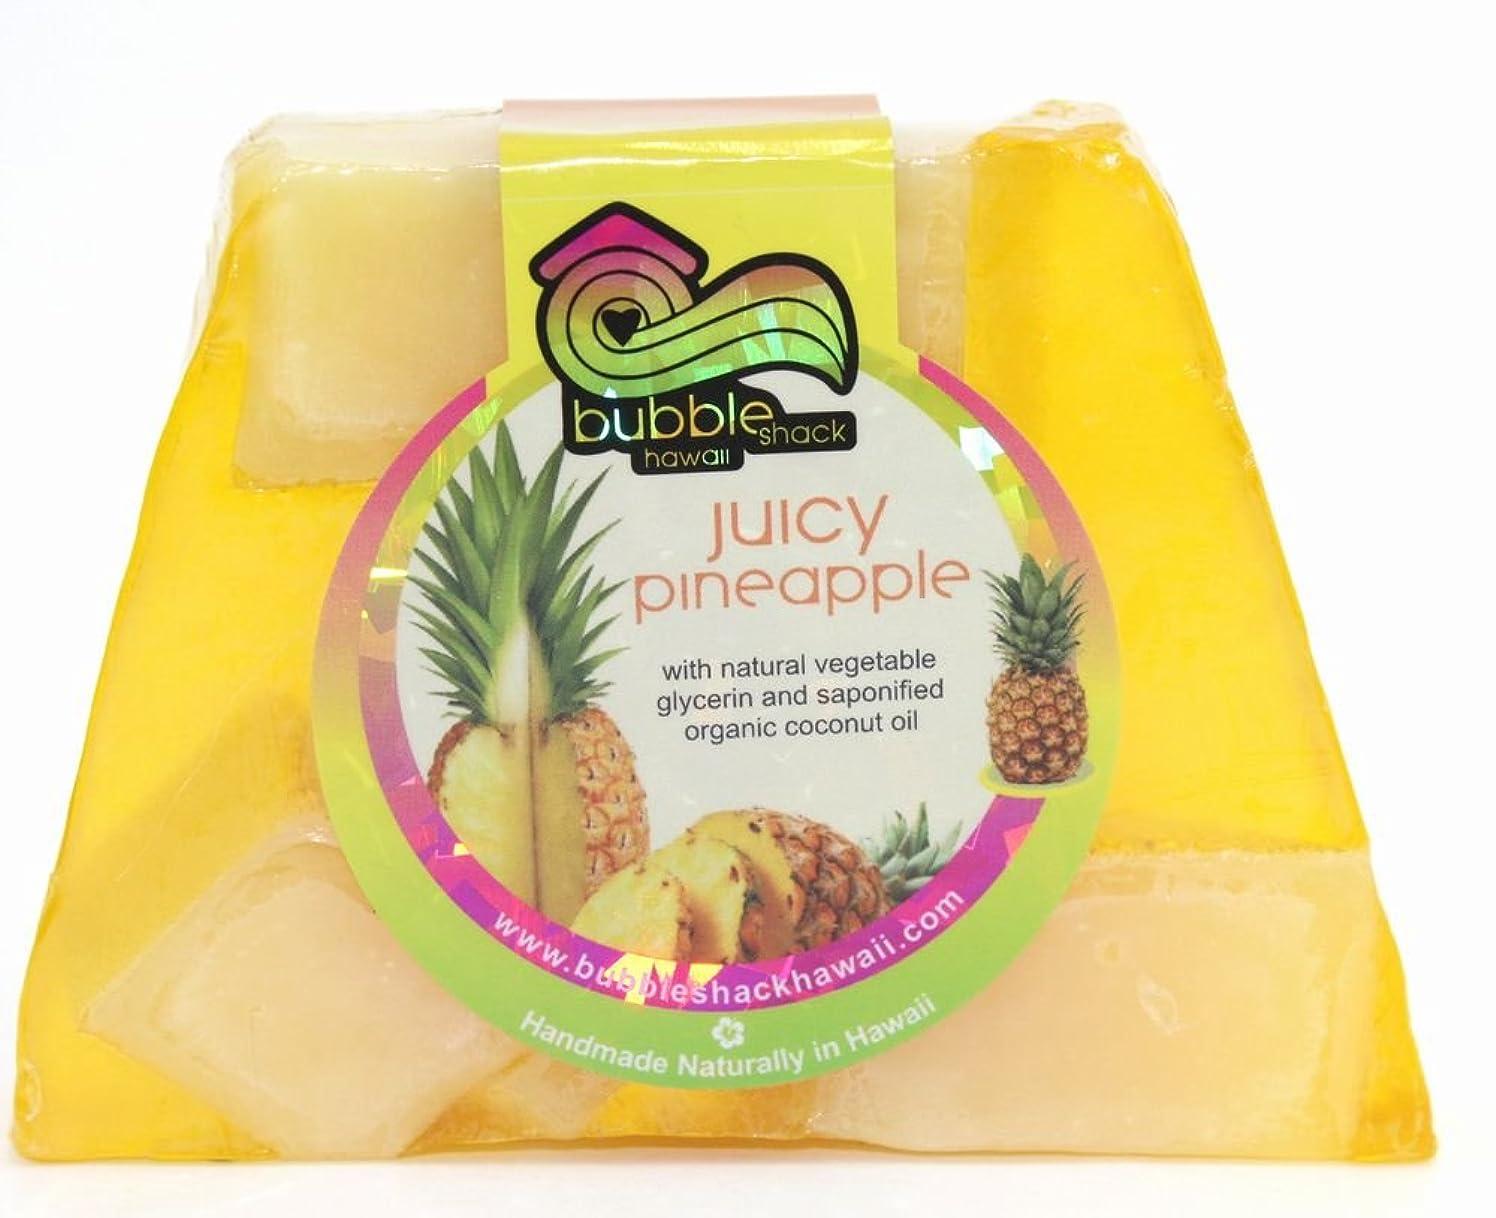 建てる記録解くハワイ お土産 ハワイアン雑貨 バブルシャック パイナップル チャンクソープ 石鹸 (パイナップル) ハワイ雑貨